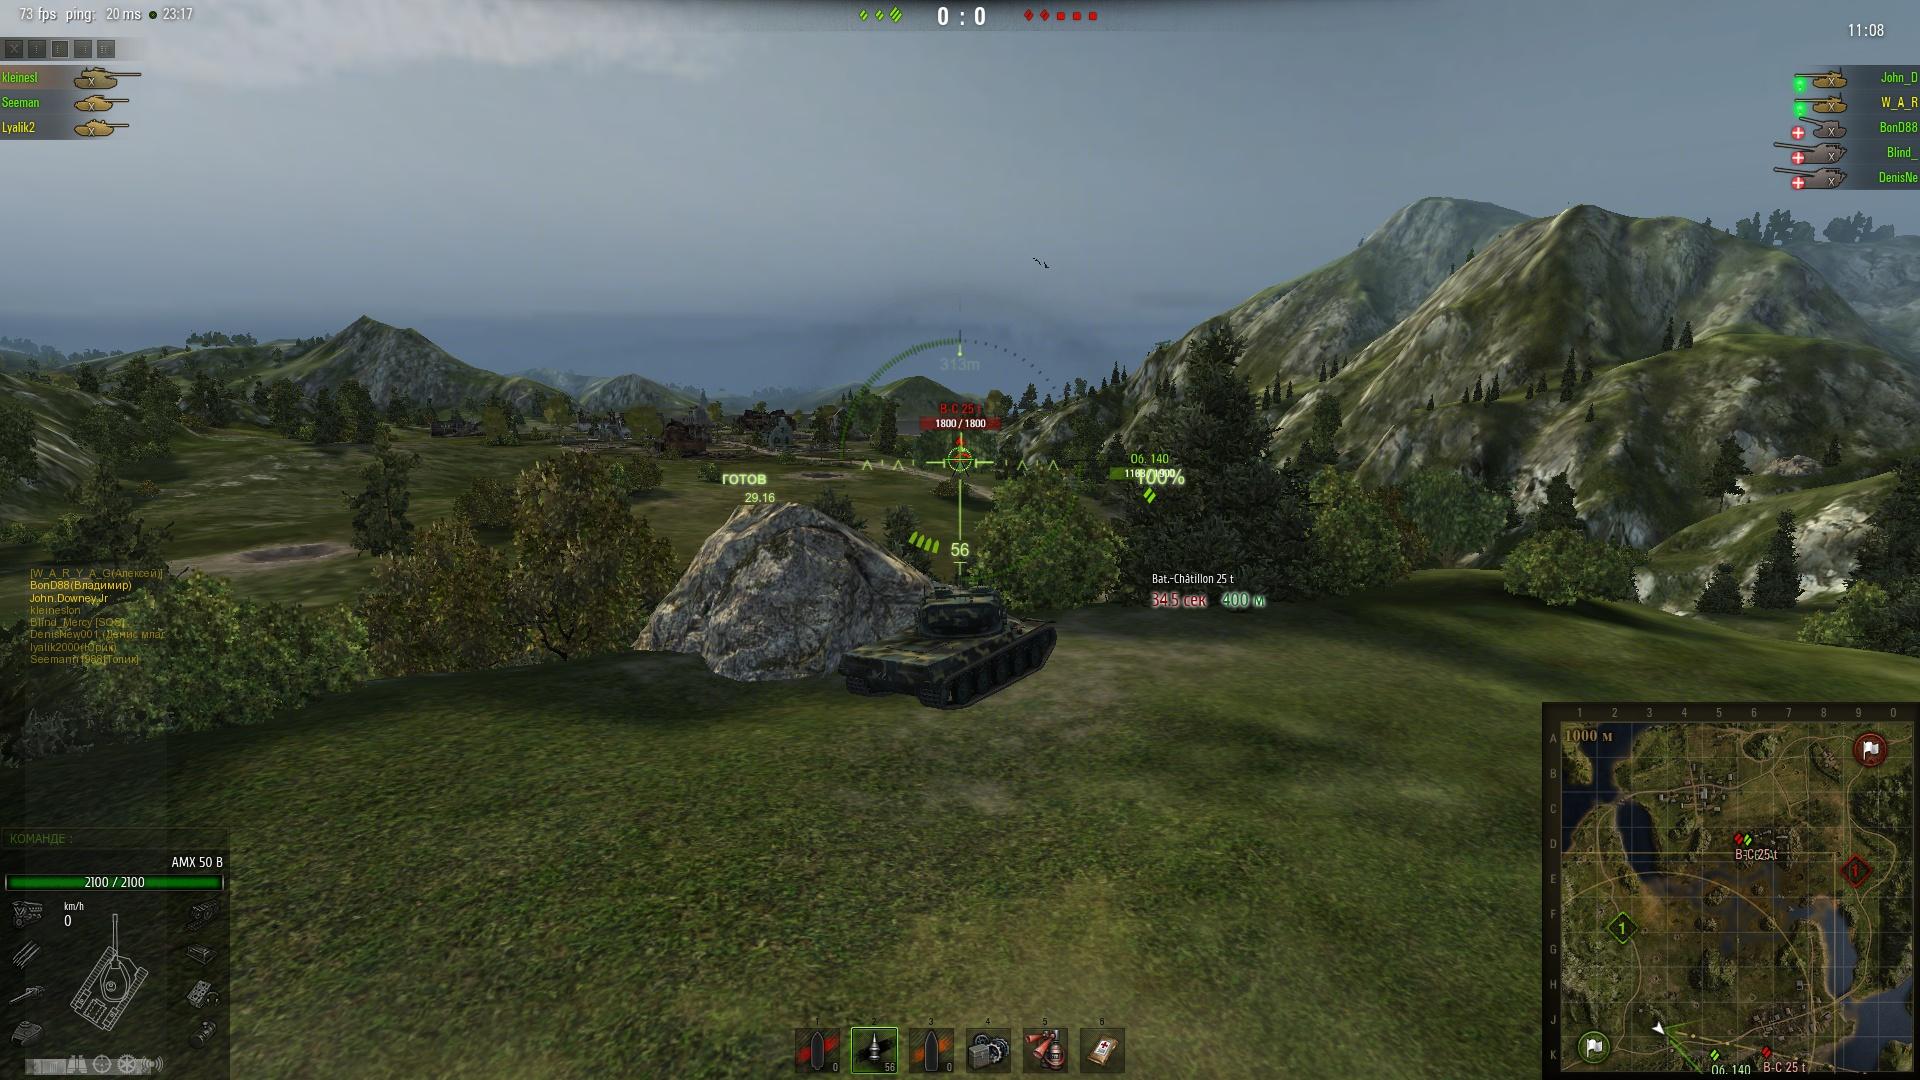 НБ О8 прострел русла ручья